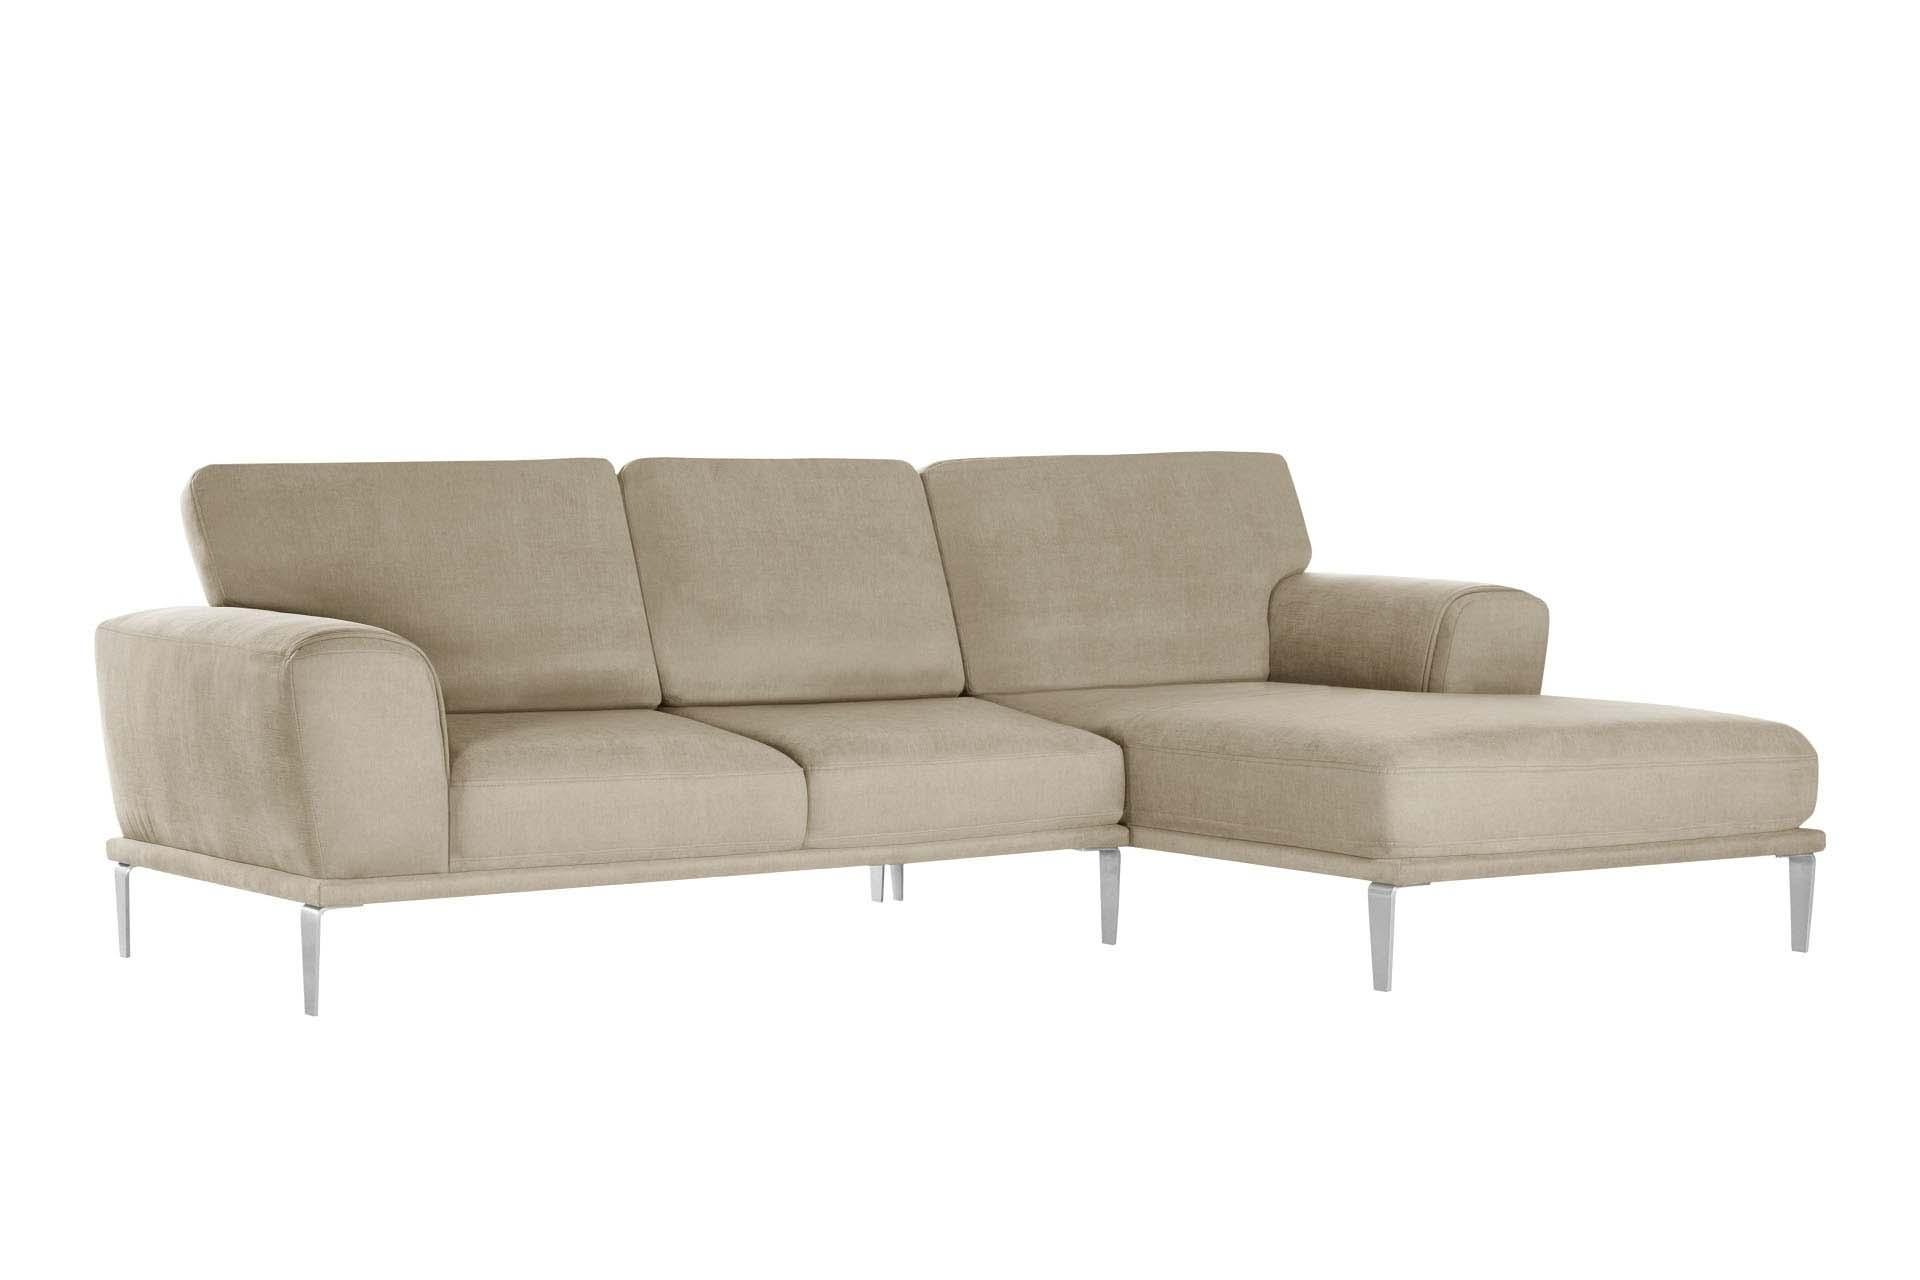 Canapé d'angle droit 5 places toucher coton beige